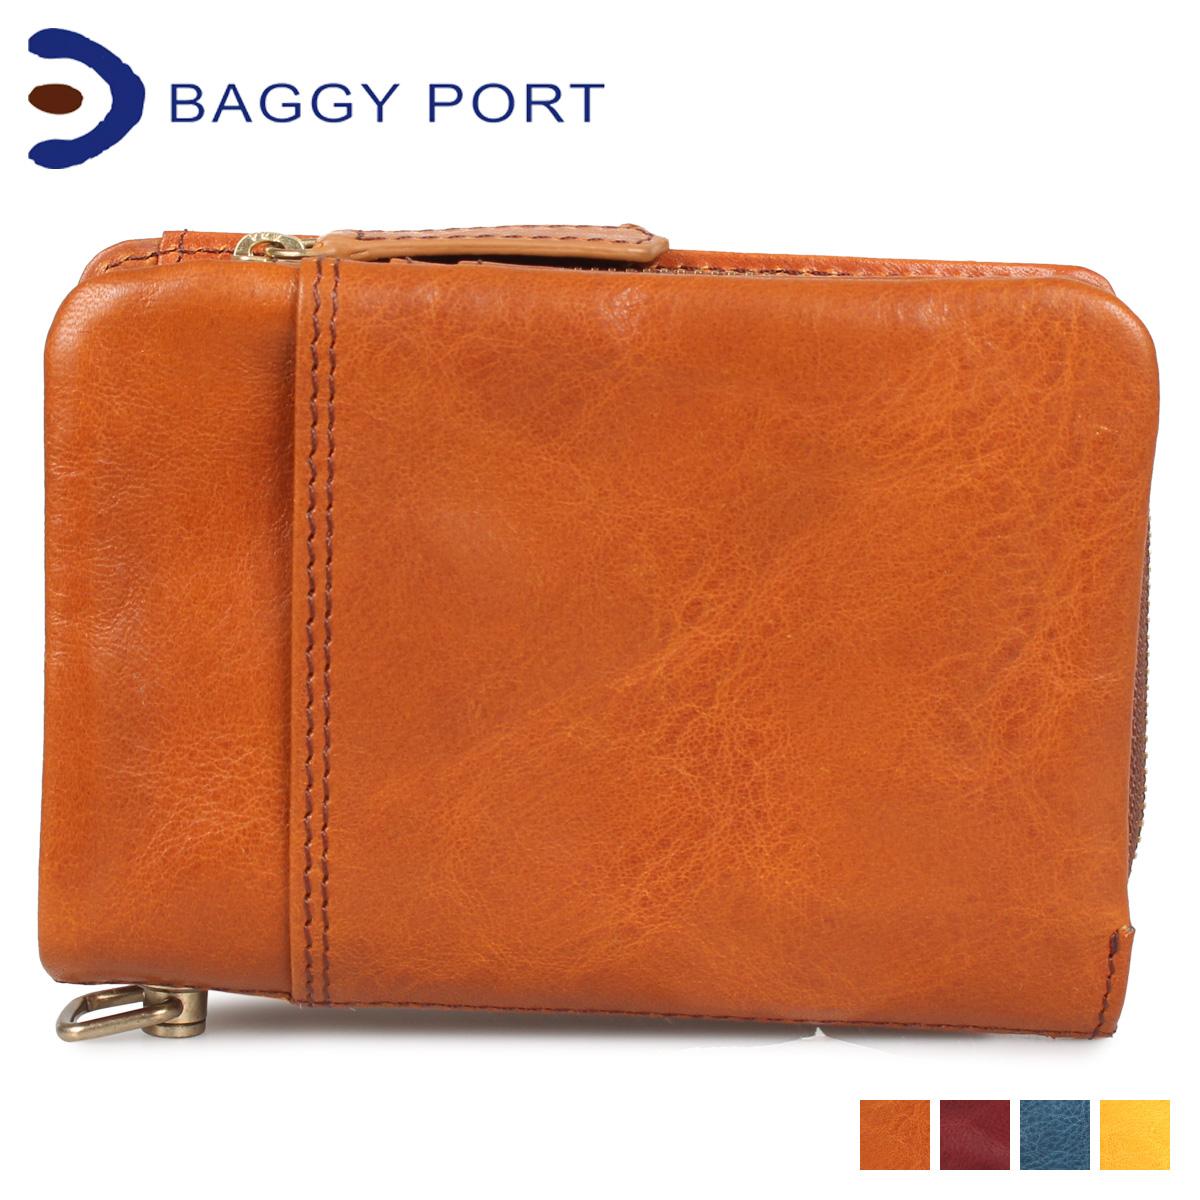 BAGGY PORT バギーポート 財布 二つ折り メンズラウンドファスナー UDO キャメル ブラウン ブルー イエロー HRD772 [4/7 新入荷]